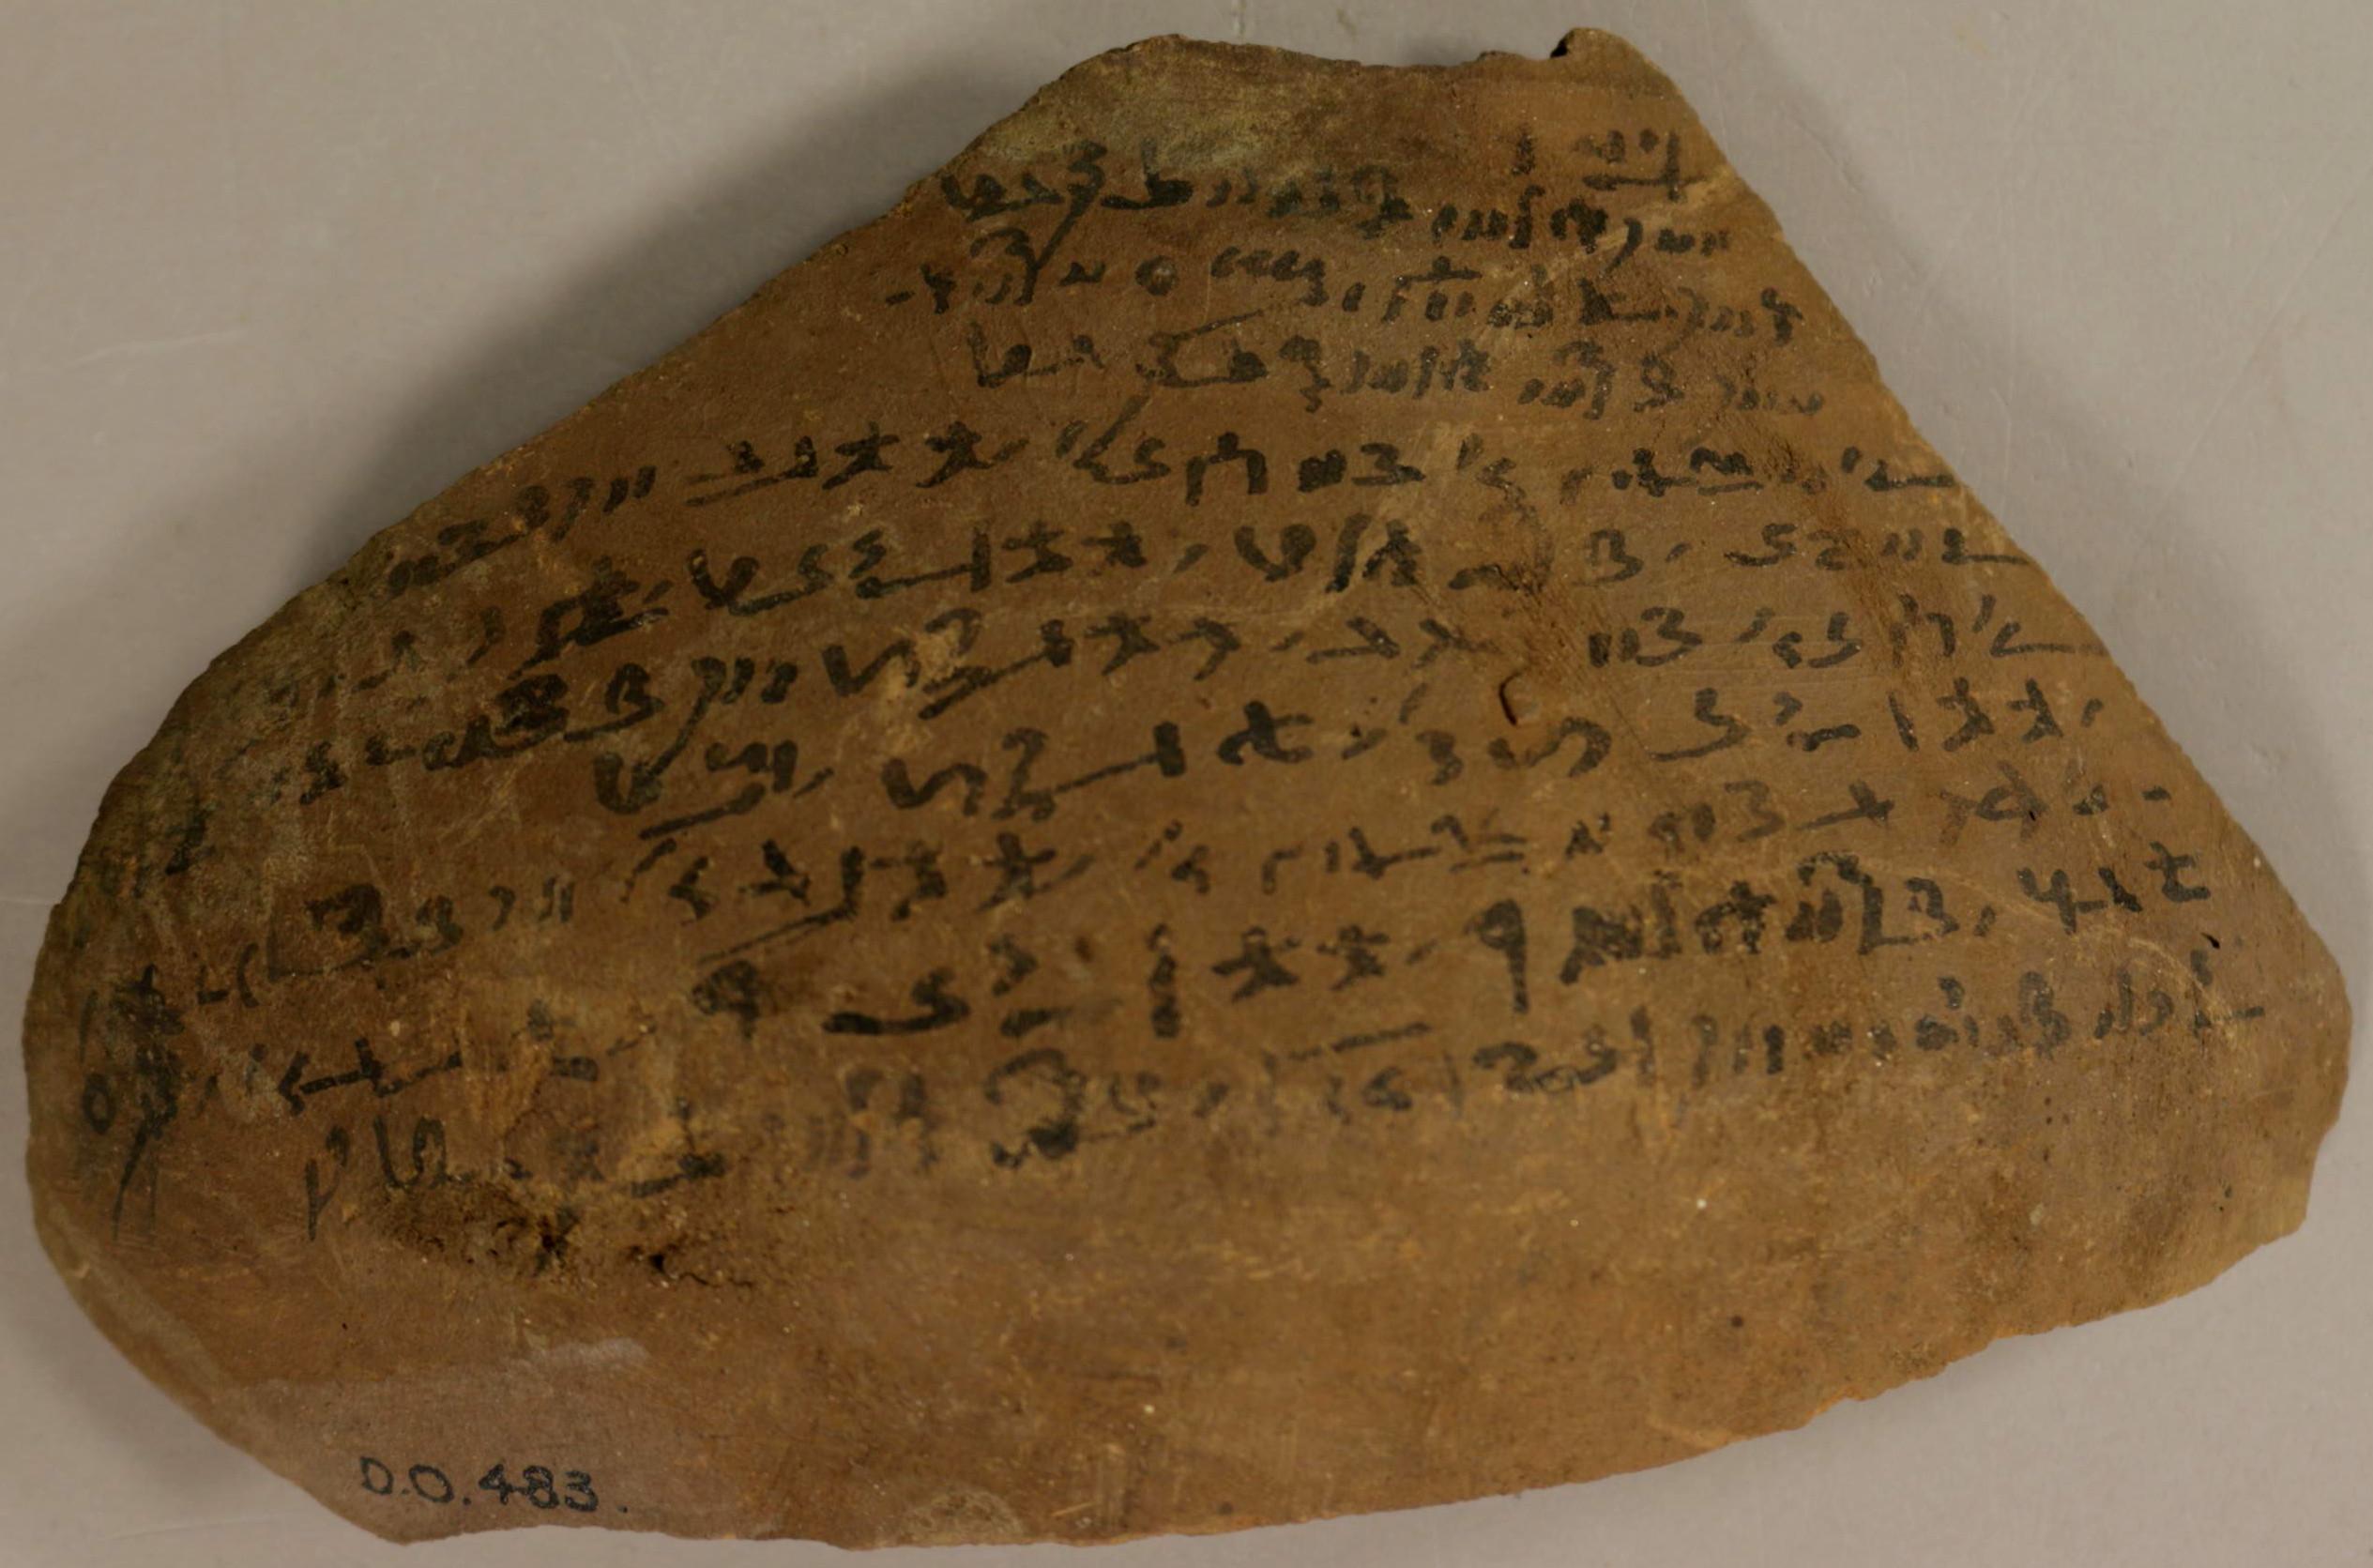 Ägyptisches Ostrakon (Ashm. Dem. 483) mit Berechnung der Positionen des Merkur nach babylonischem Verfahren (courtesy Ashmolean Museum Oxford)